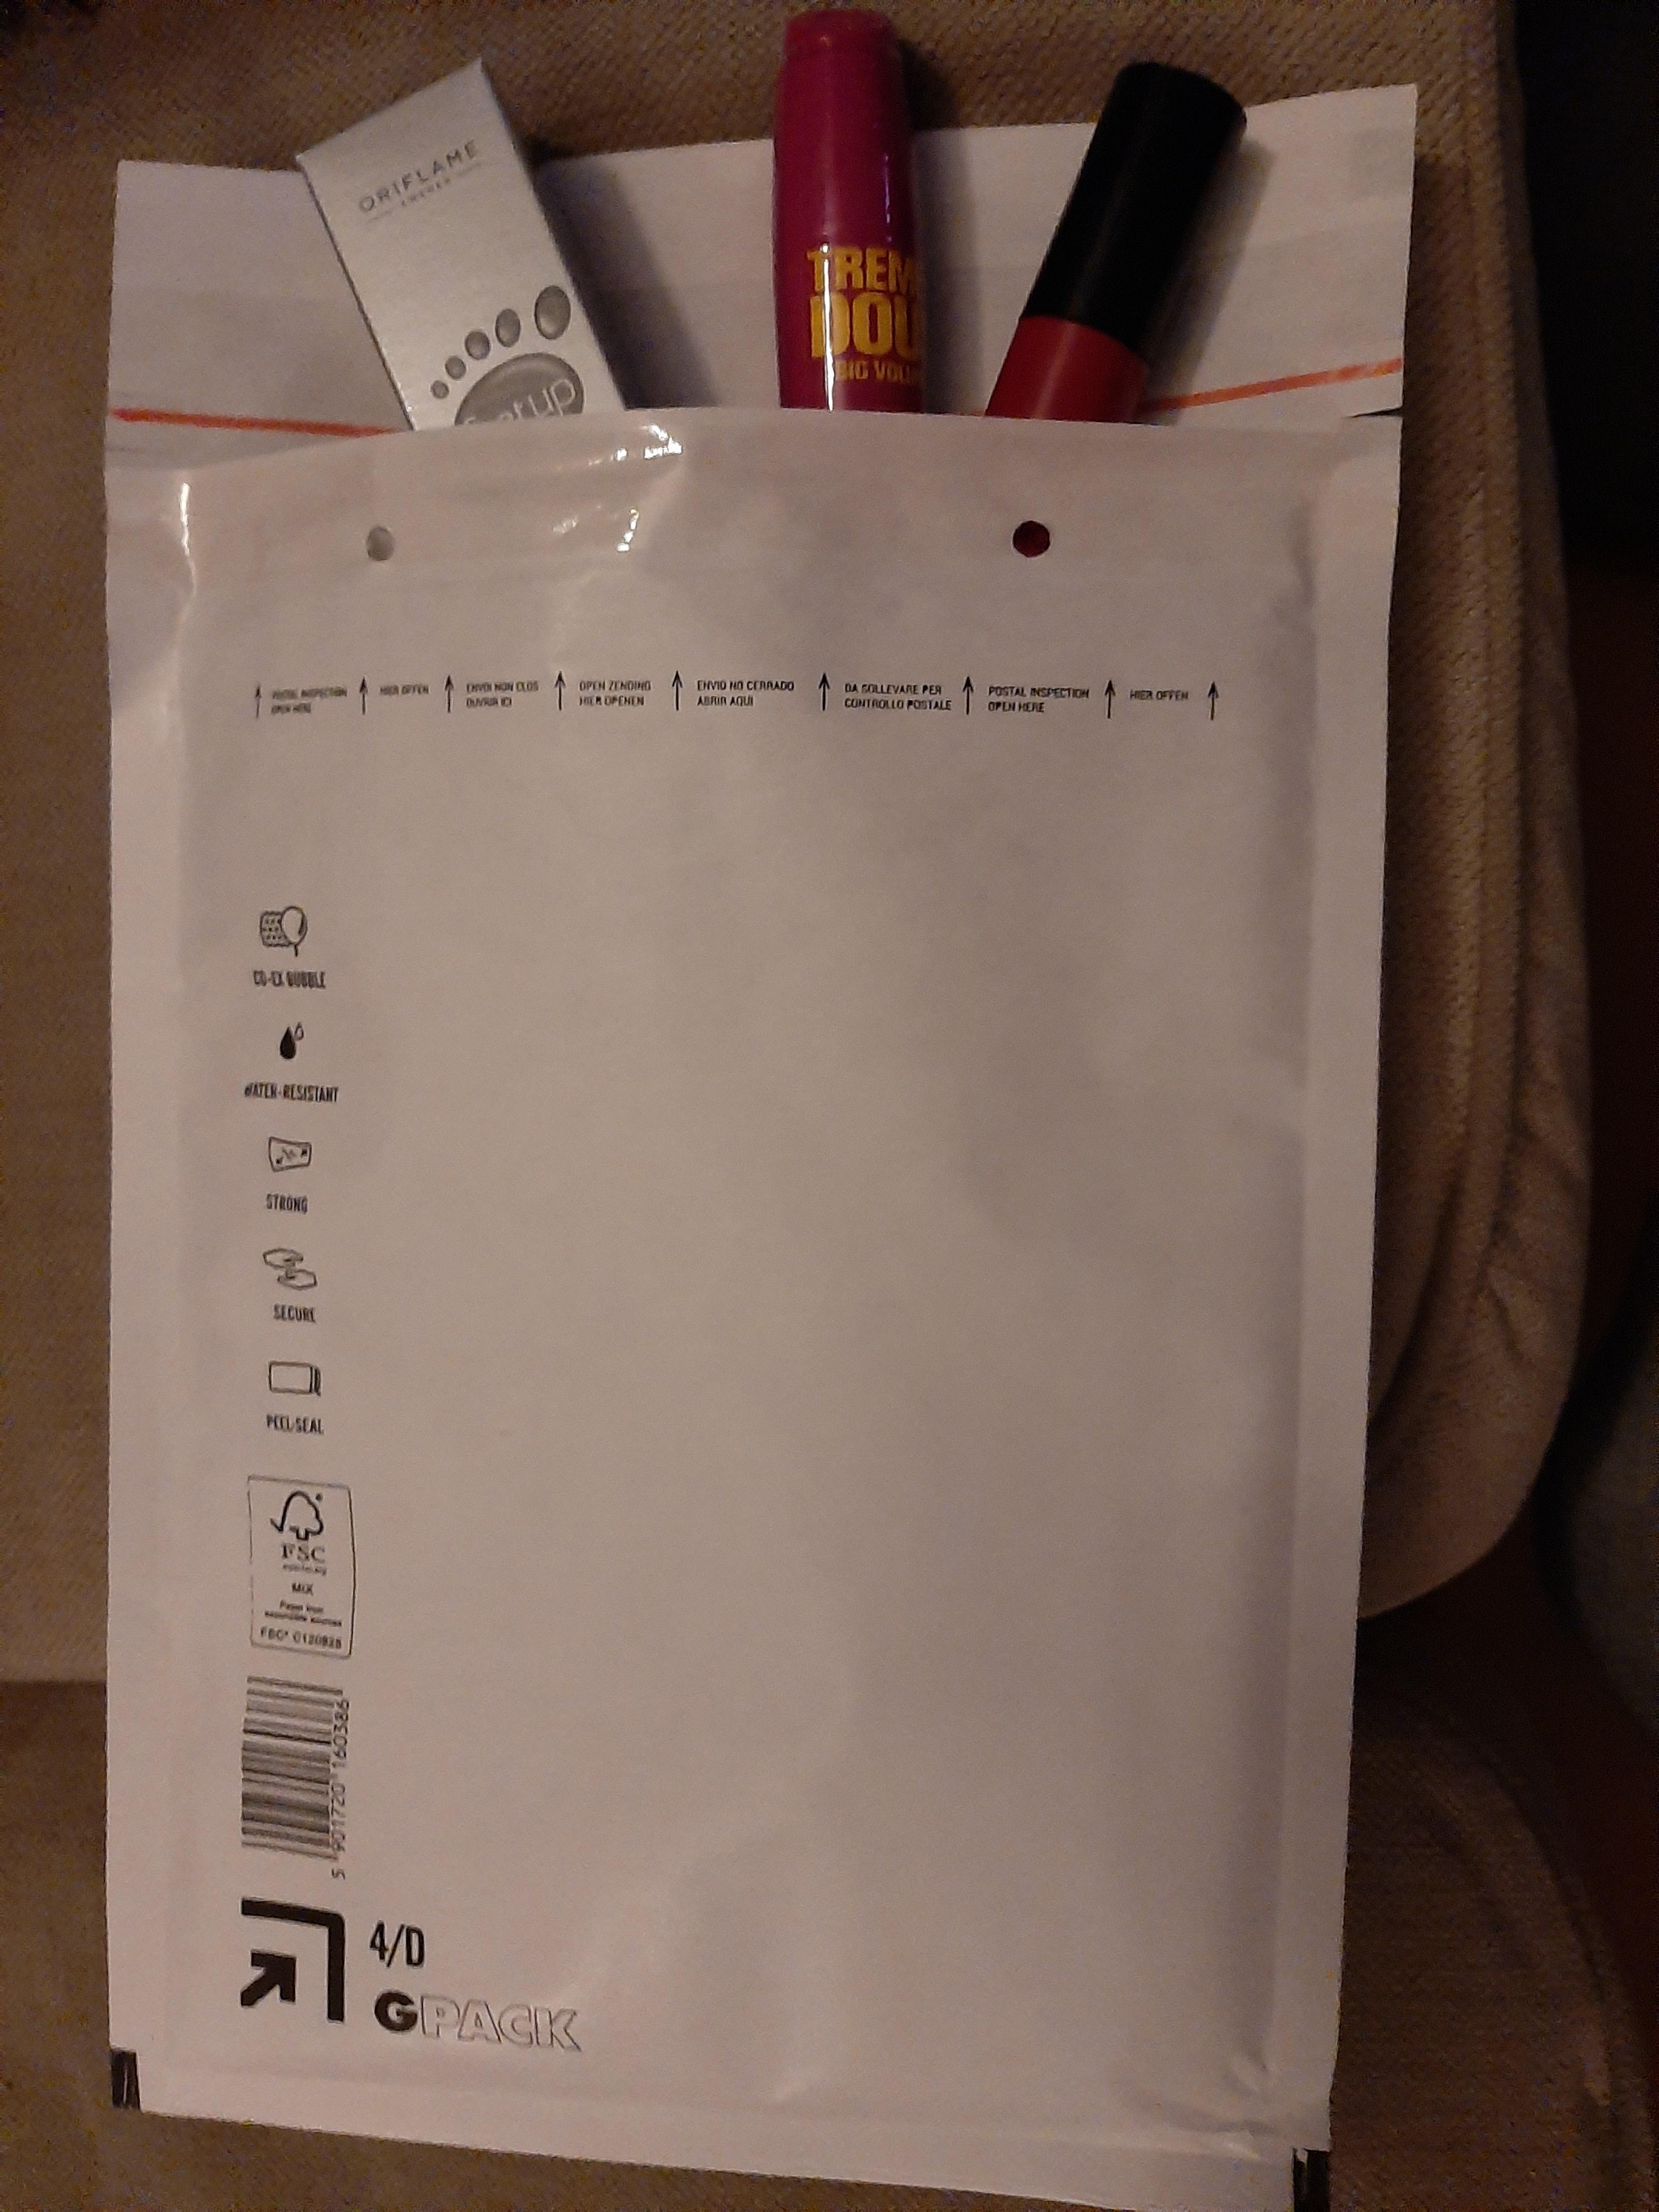 Luchtkussen enveloppen (per doos) gebruik: Luchtkussen enveloppen (per doos)